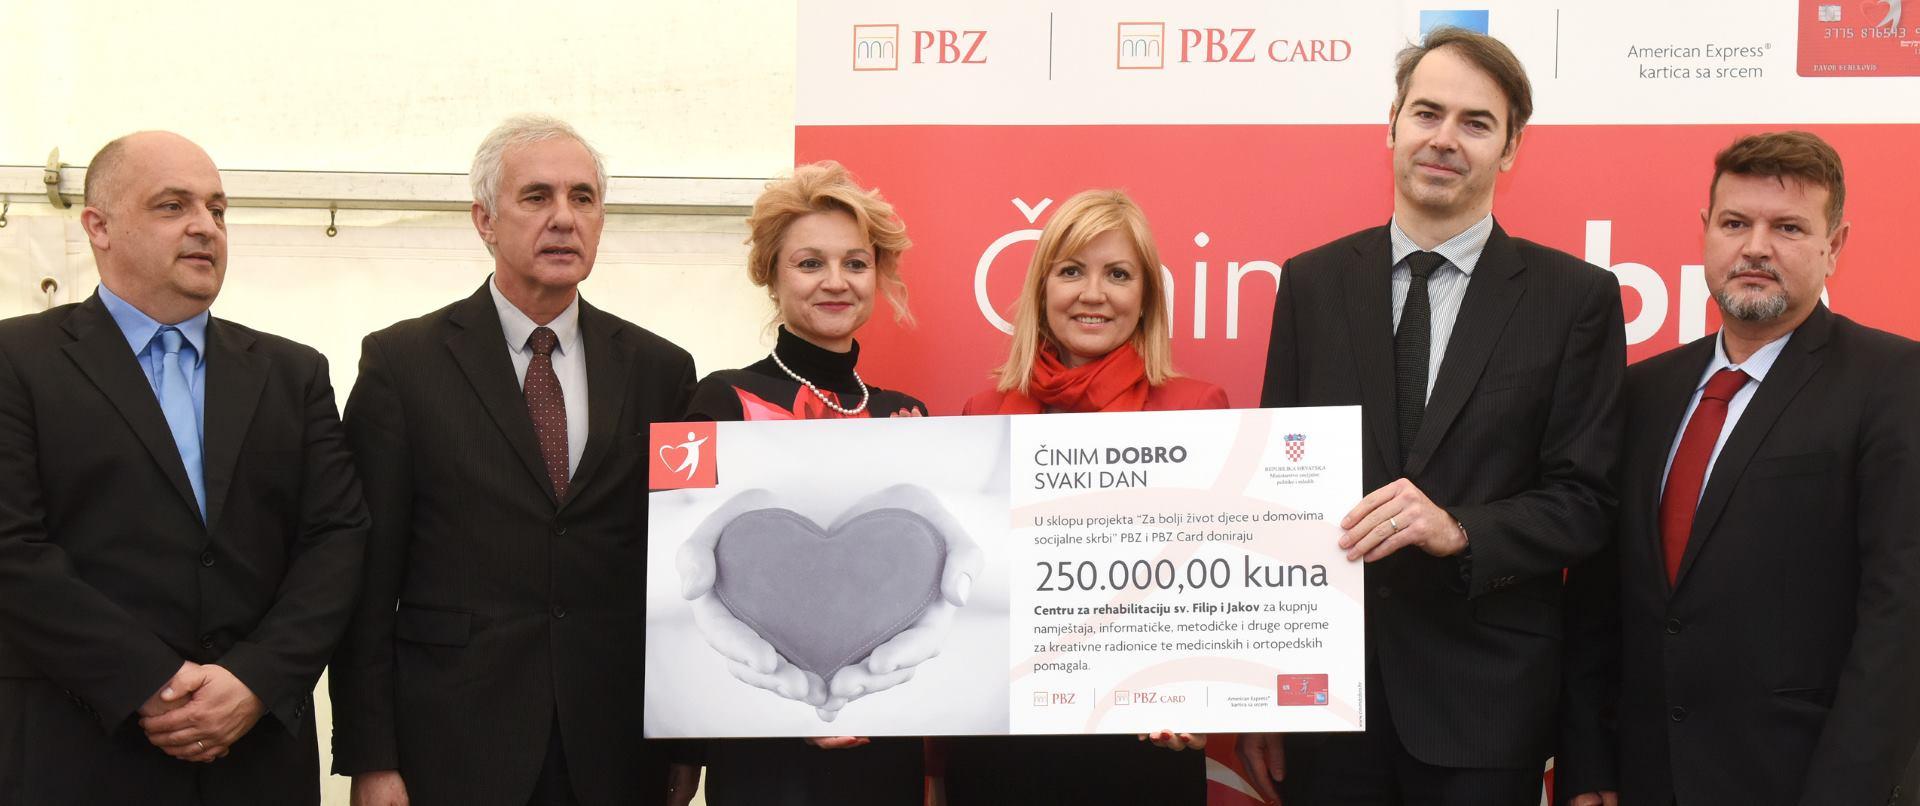 PBZ Grupa donirala 250 tisuća kuna Centru za rehabilitaciju Sv. Filip i Jakov